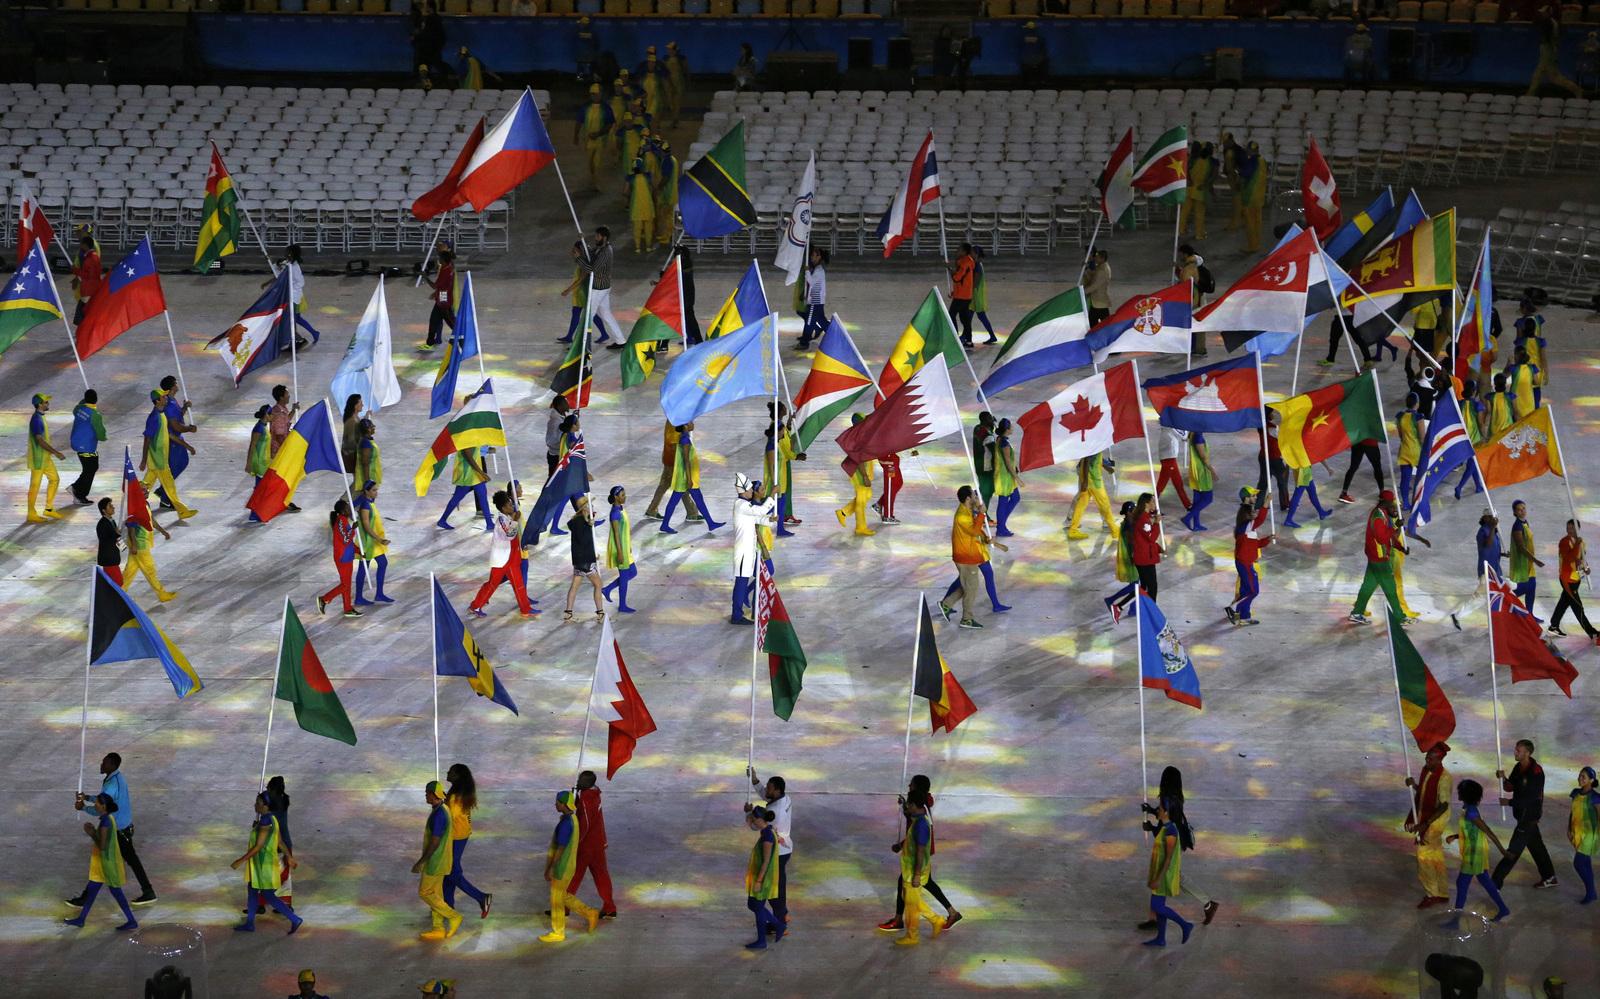 торжественное начало парада атлетов на закрытии Олимпийских игр в Рио